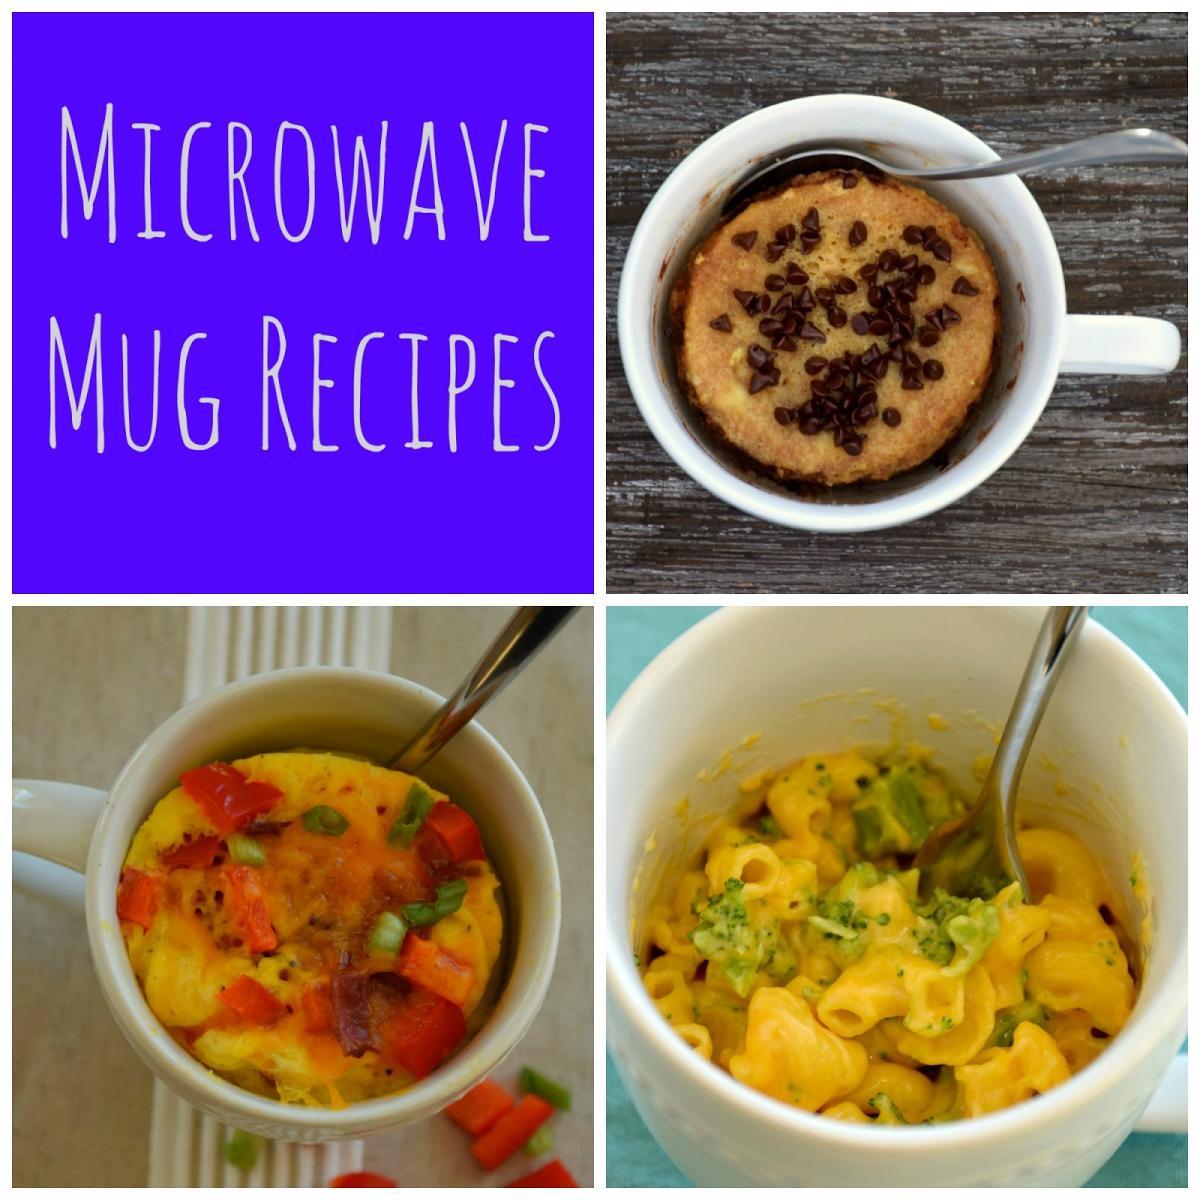 Microwave Mug Recipes Blog Festival Foods